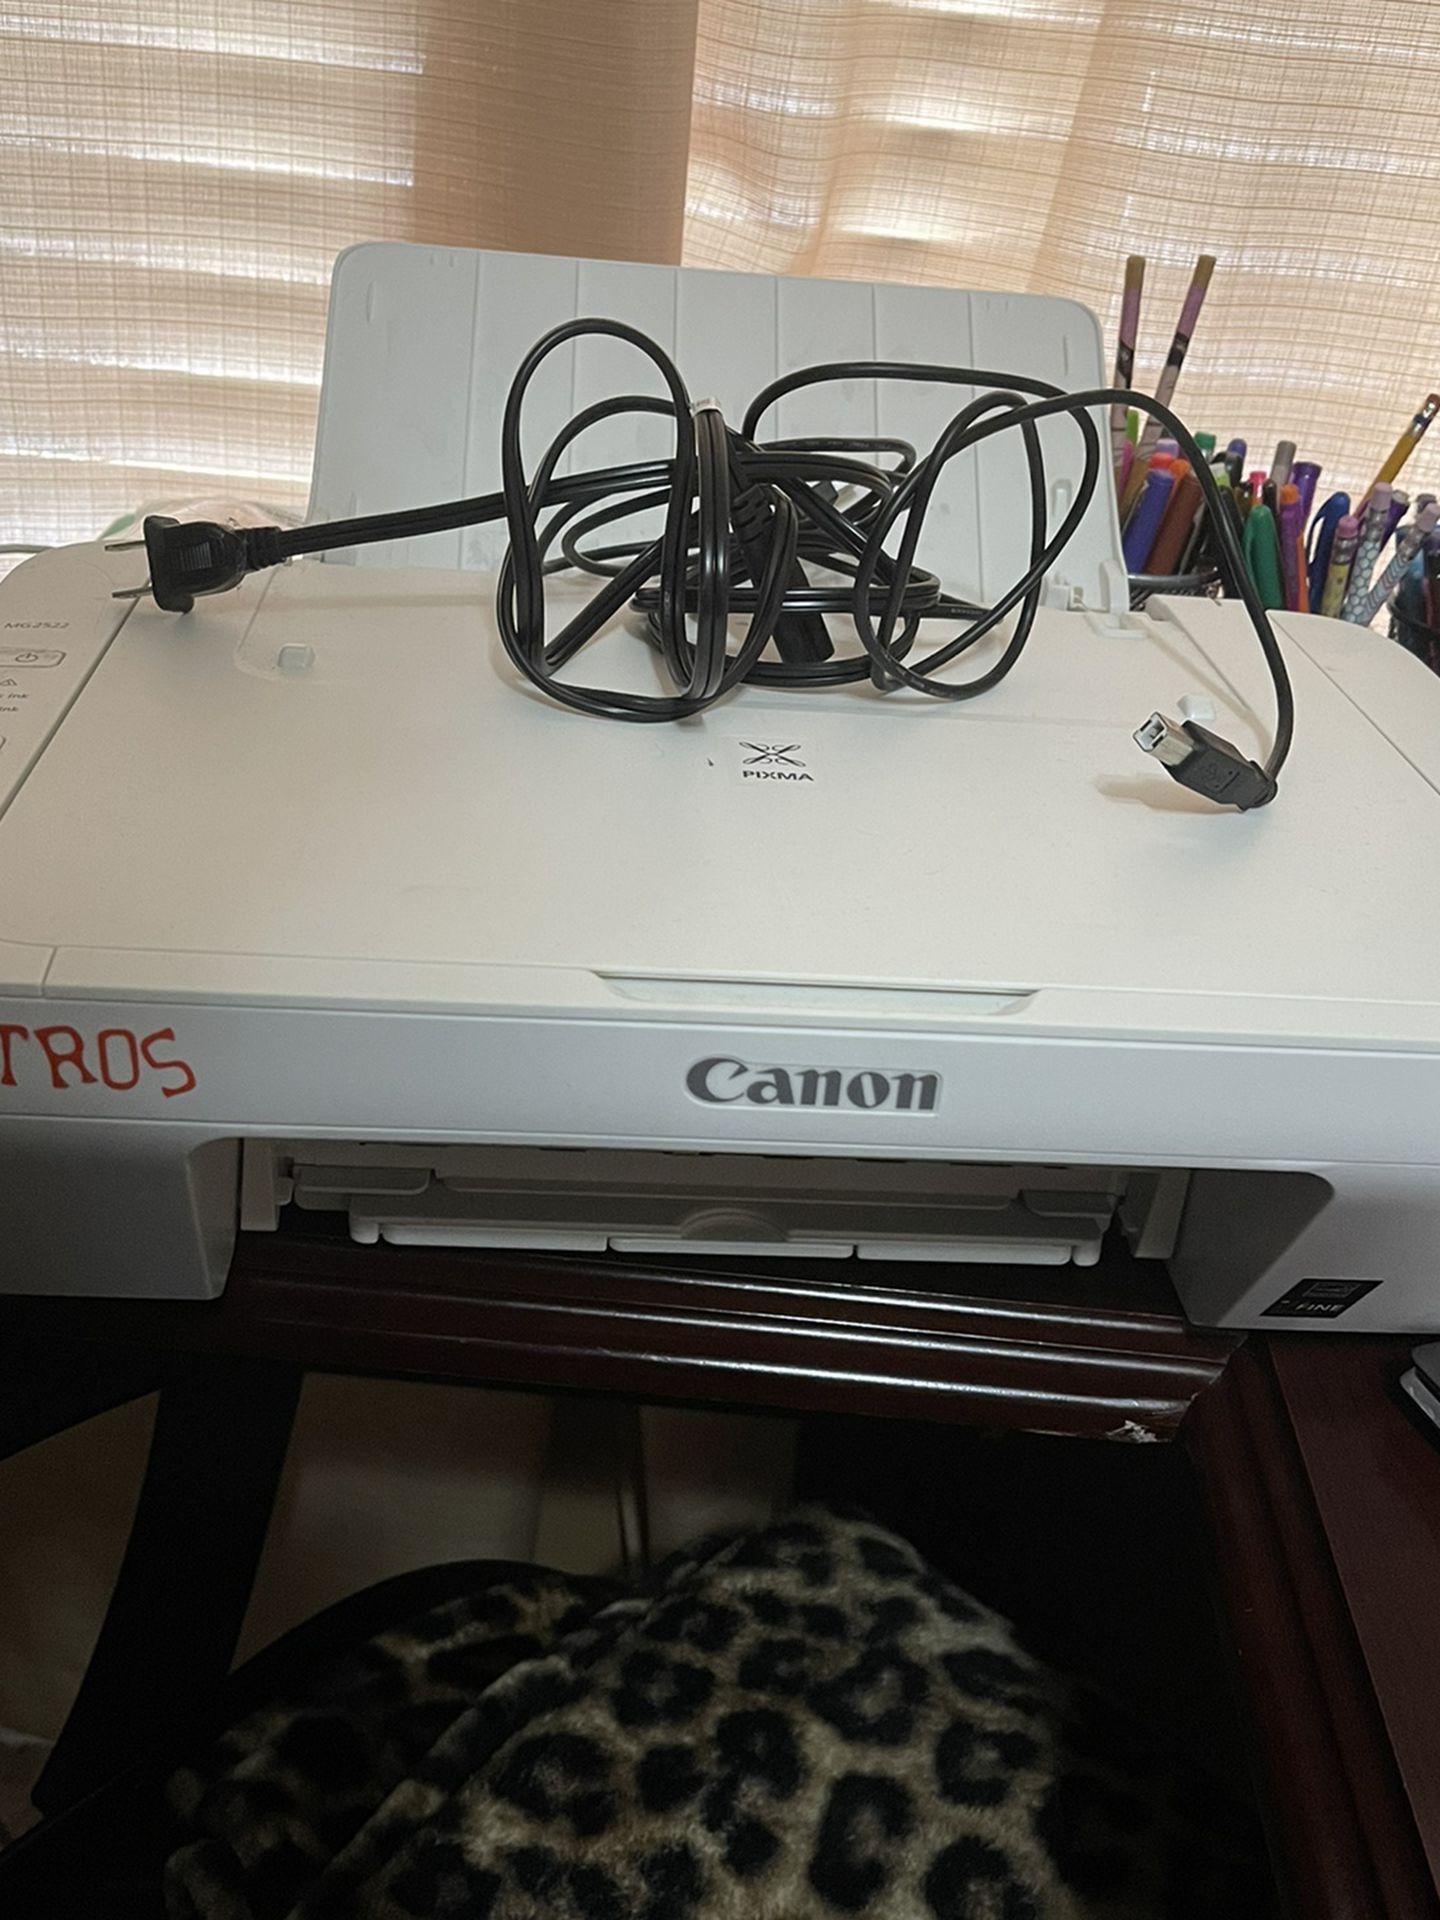 Canon Printer/Copy Machine